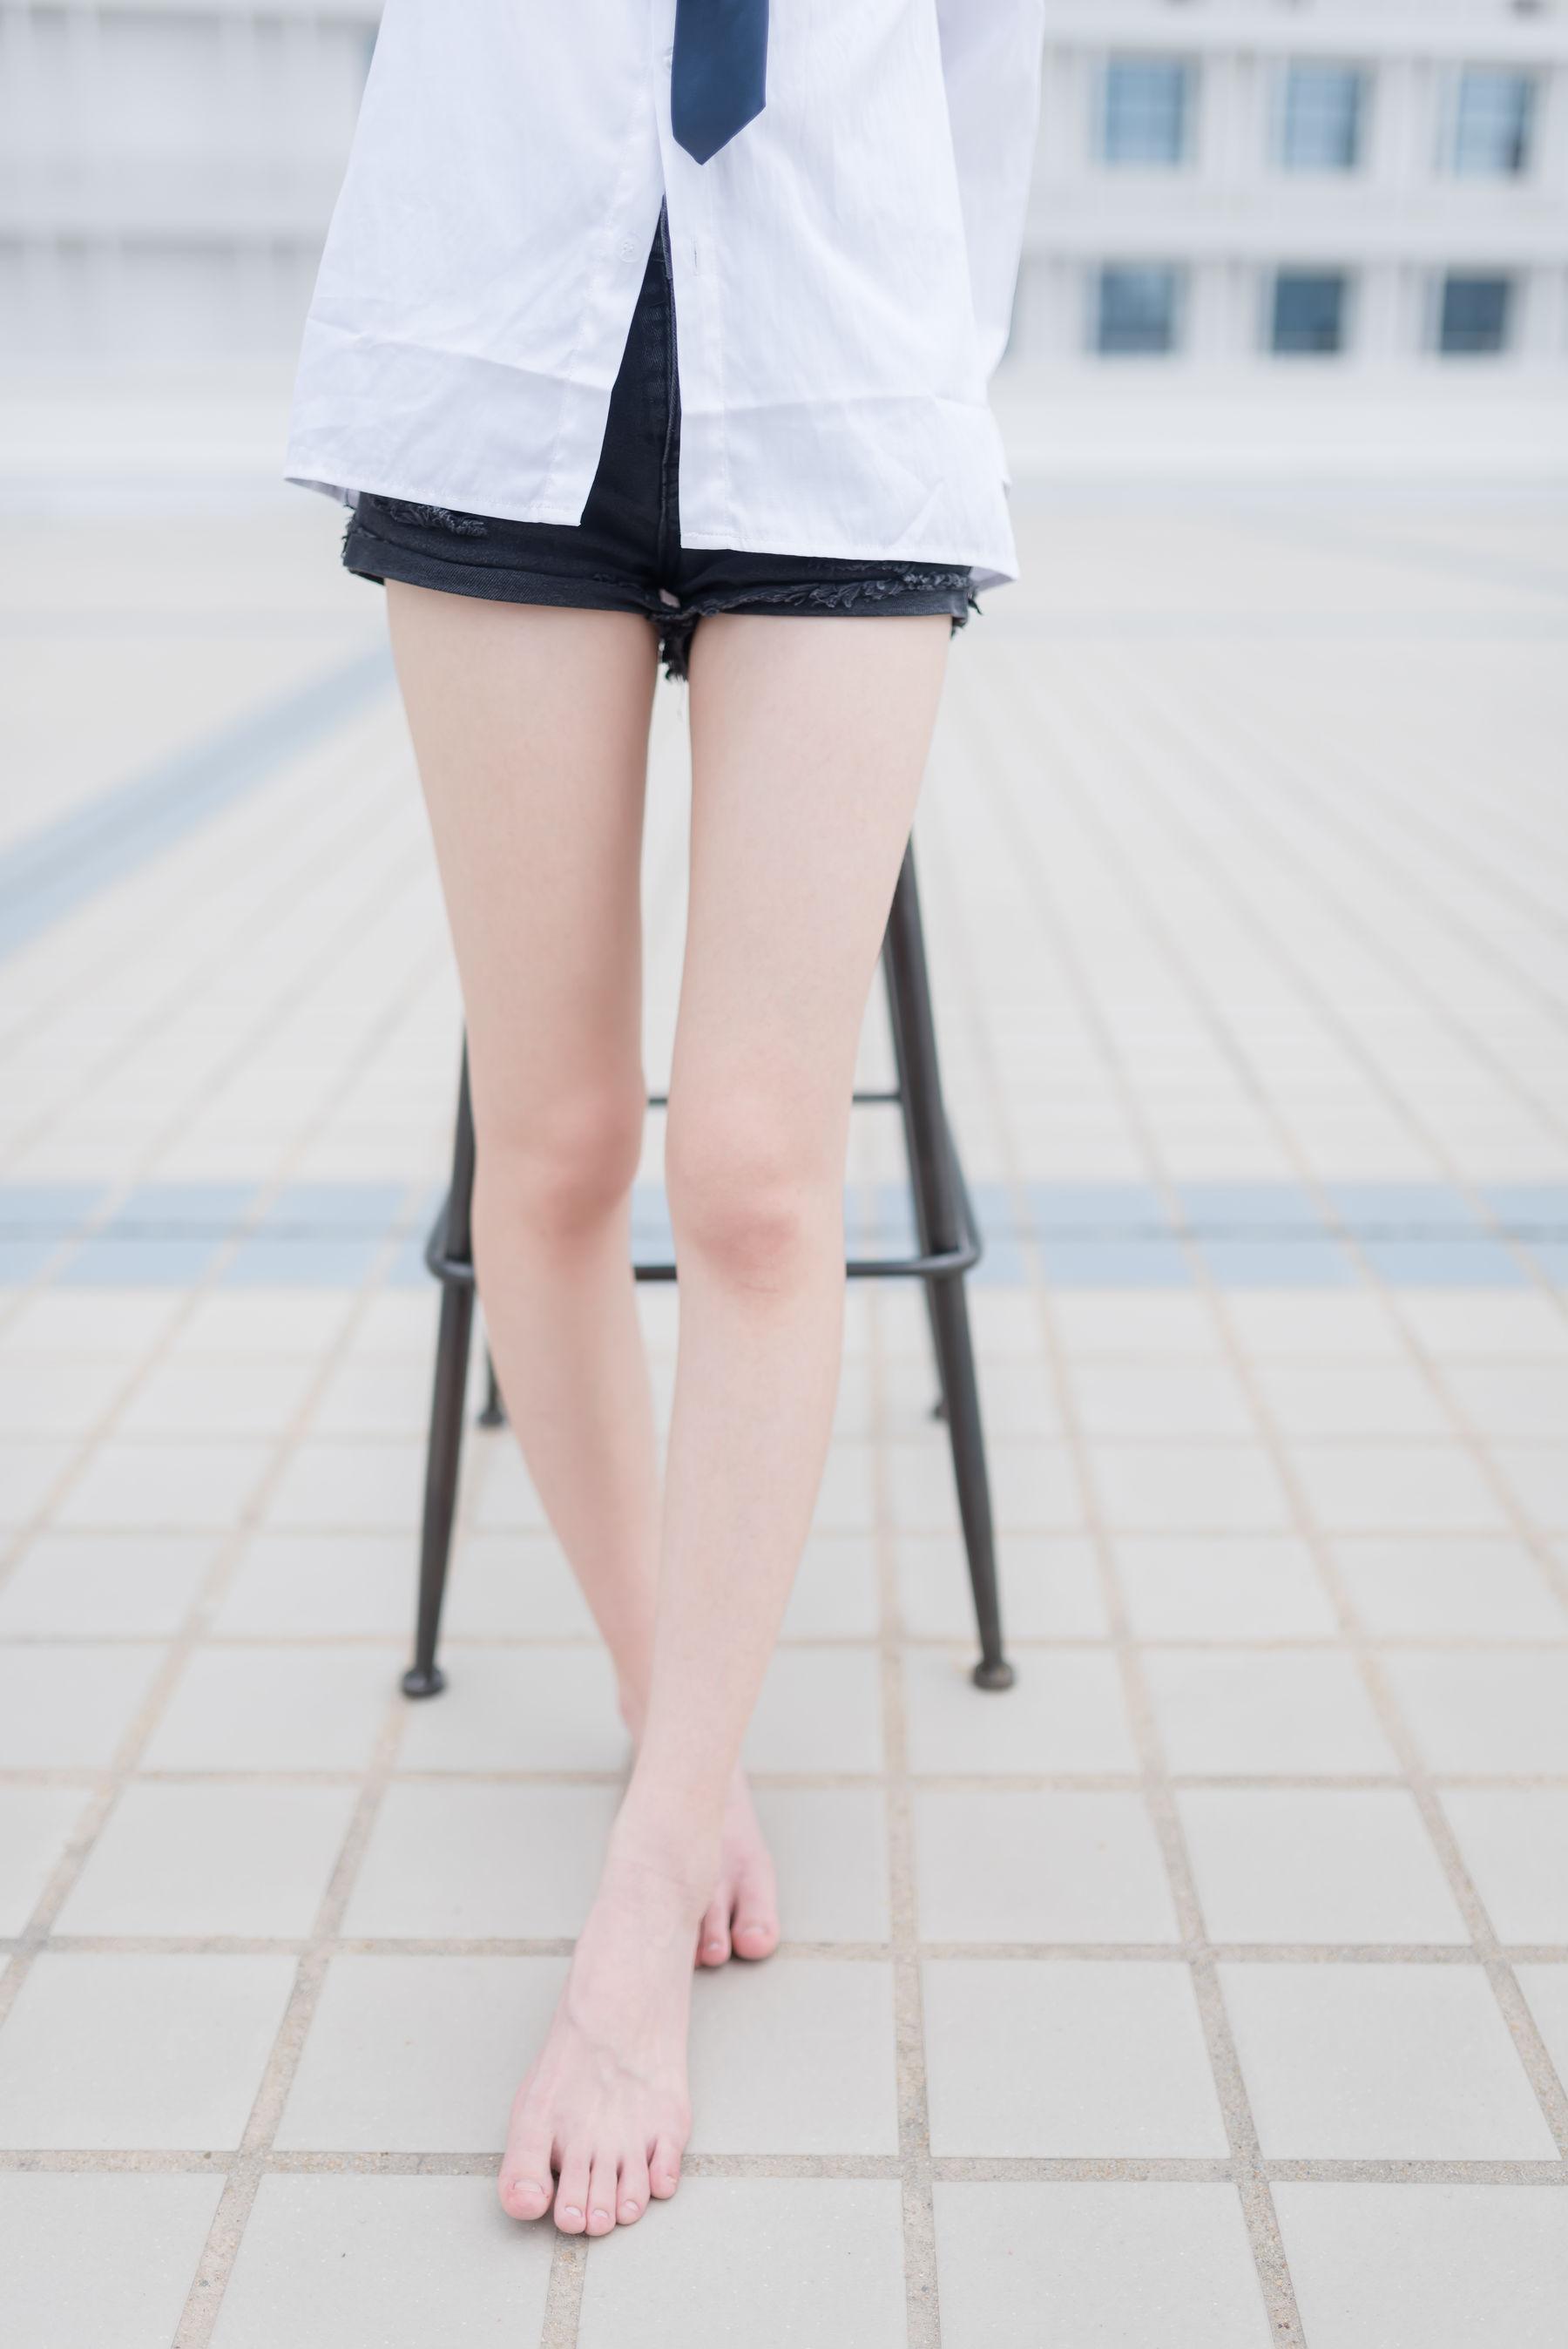 [喵糖映画] VOL.432 男友的白衬衫 套图[47P]插图(10)